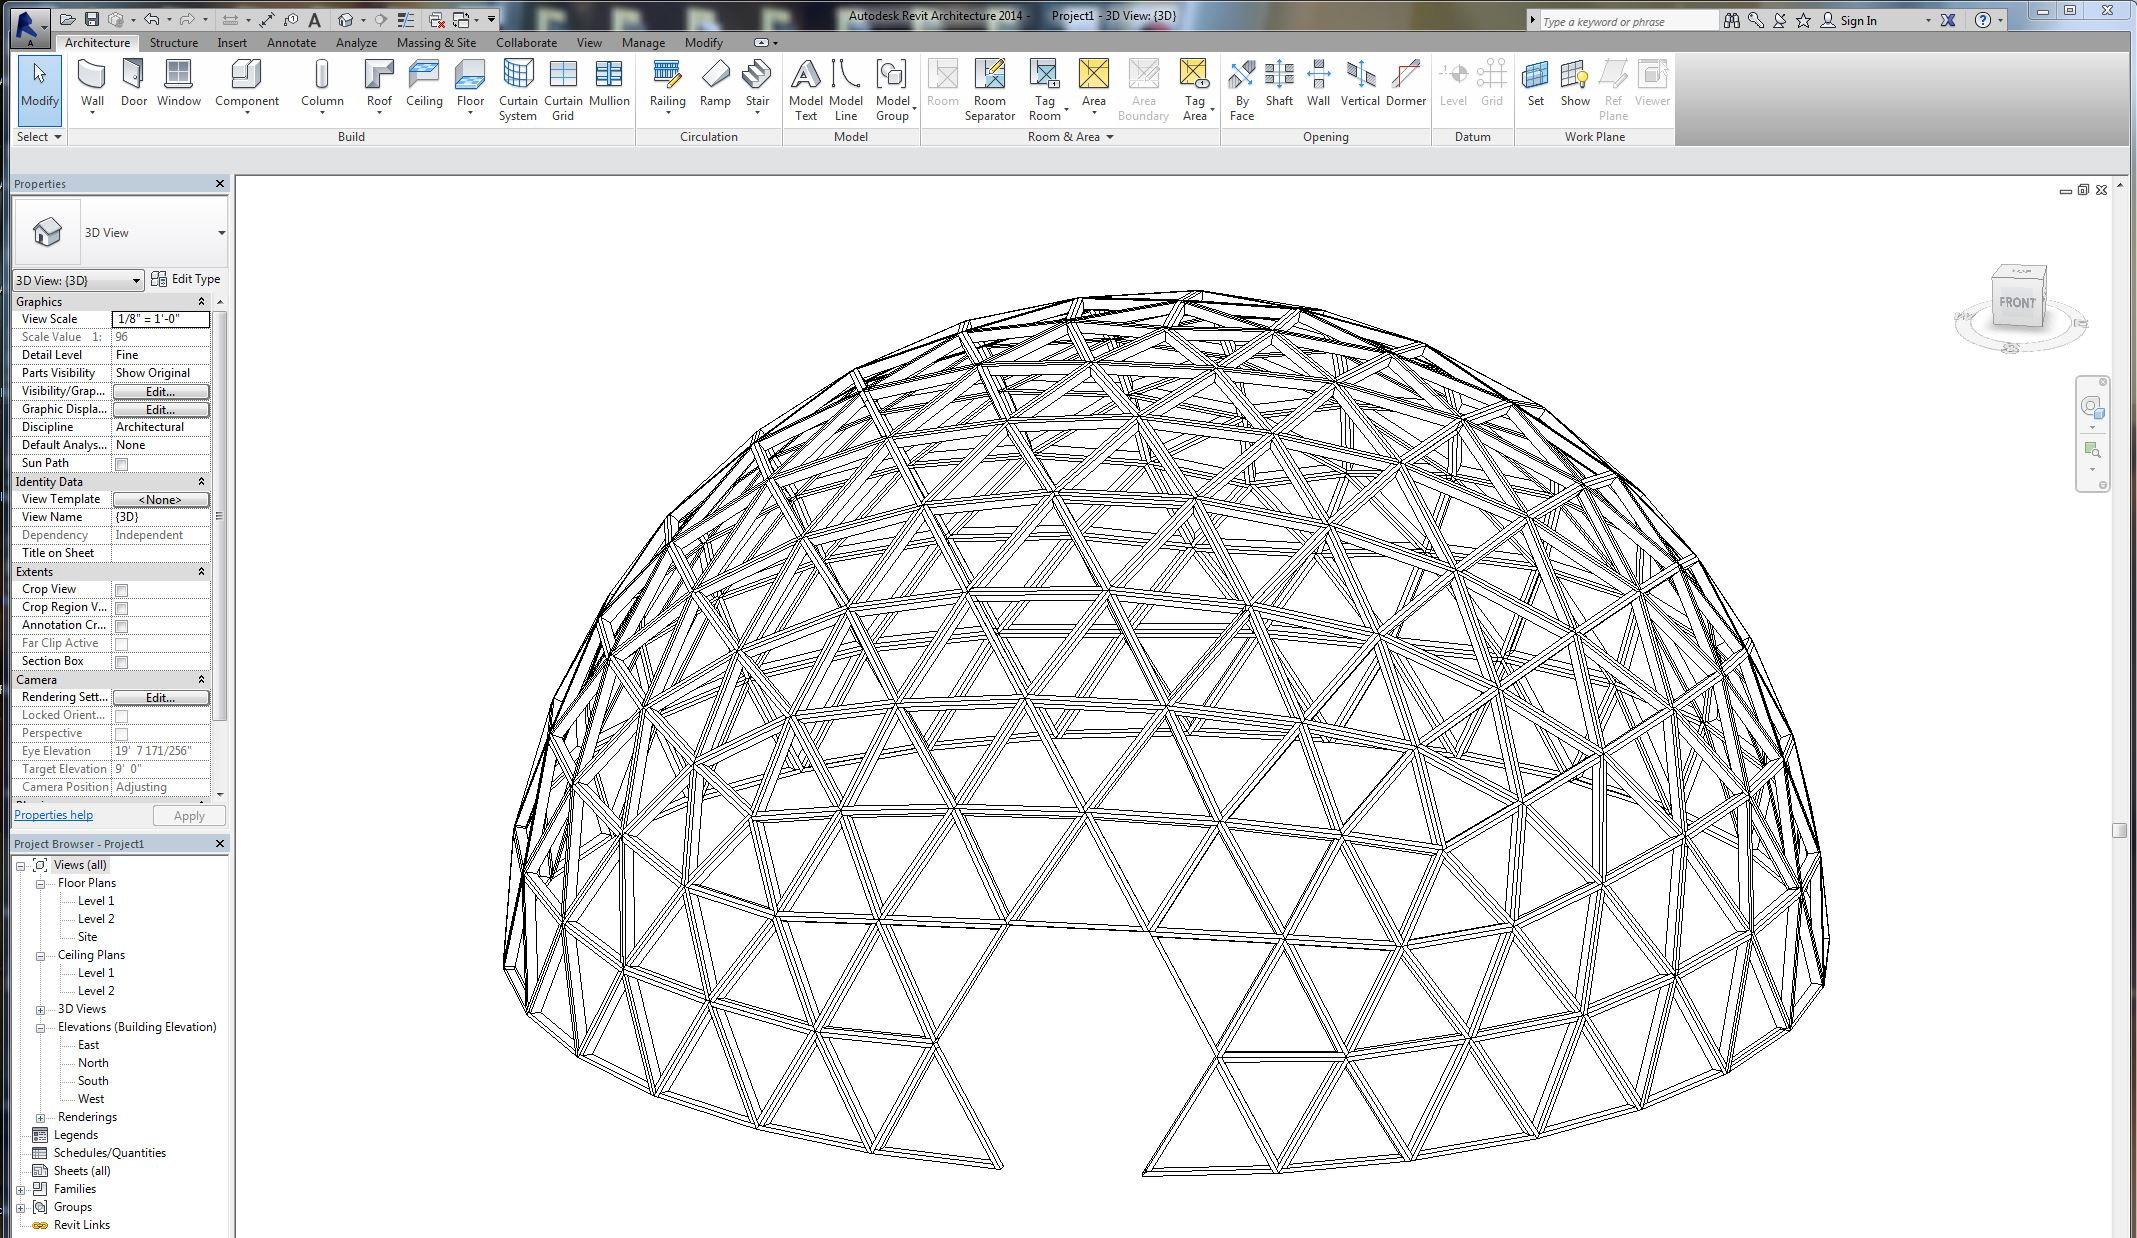 geodesic dome framing model renderings